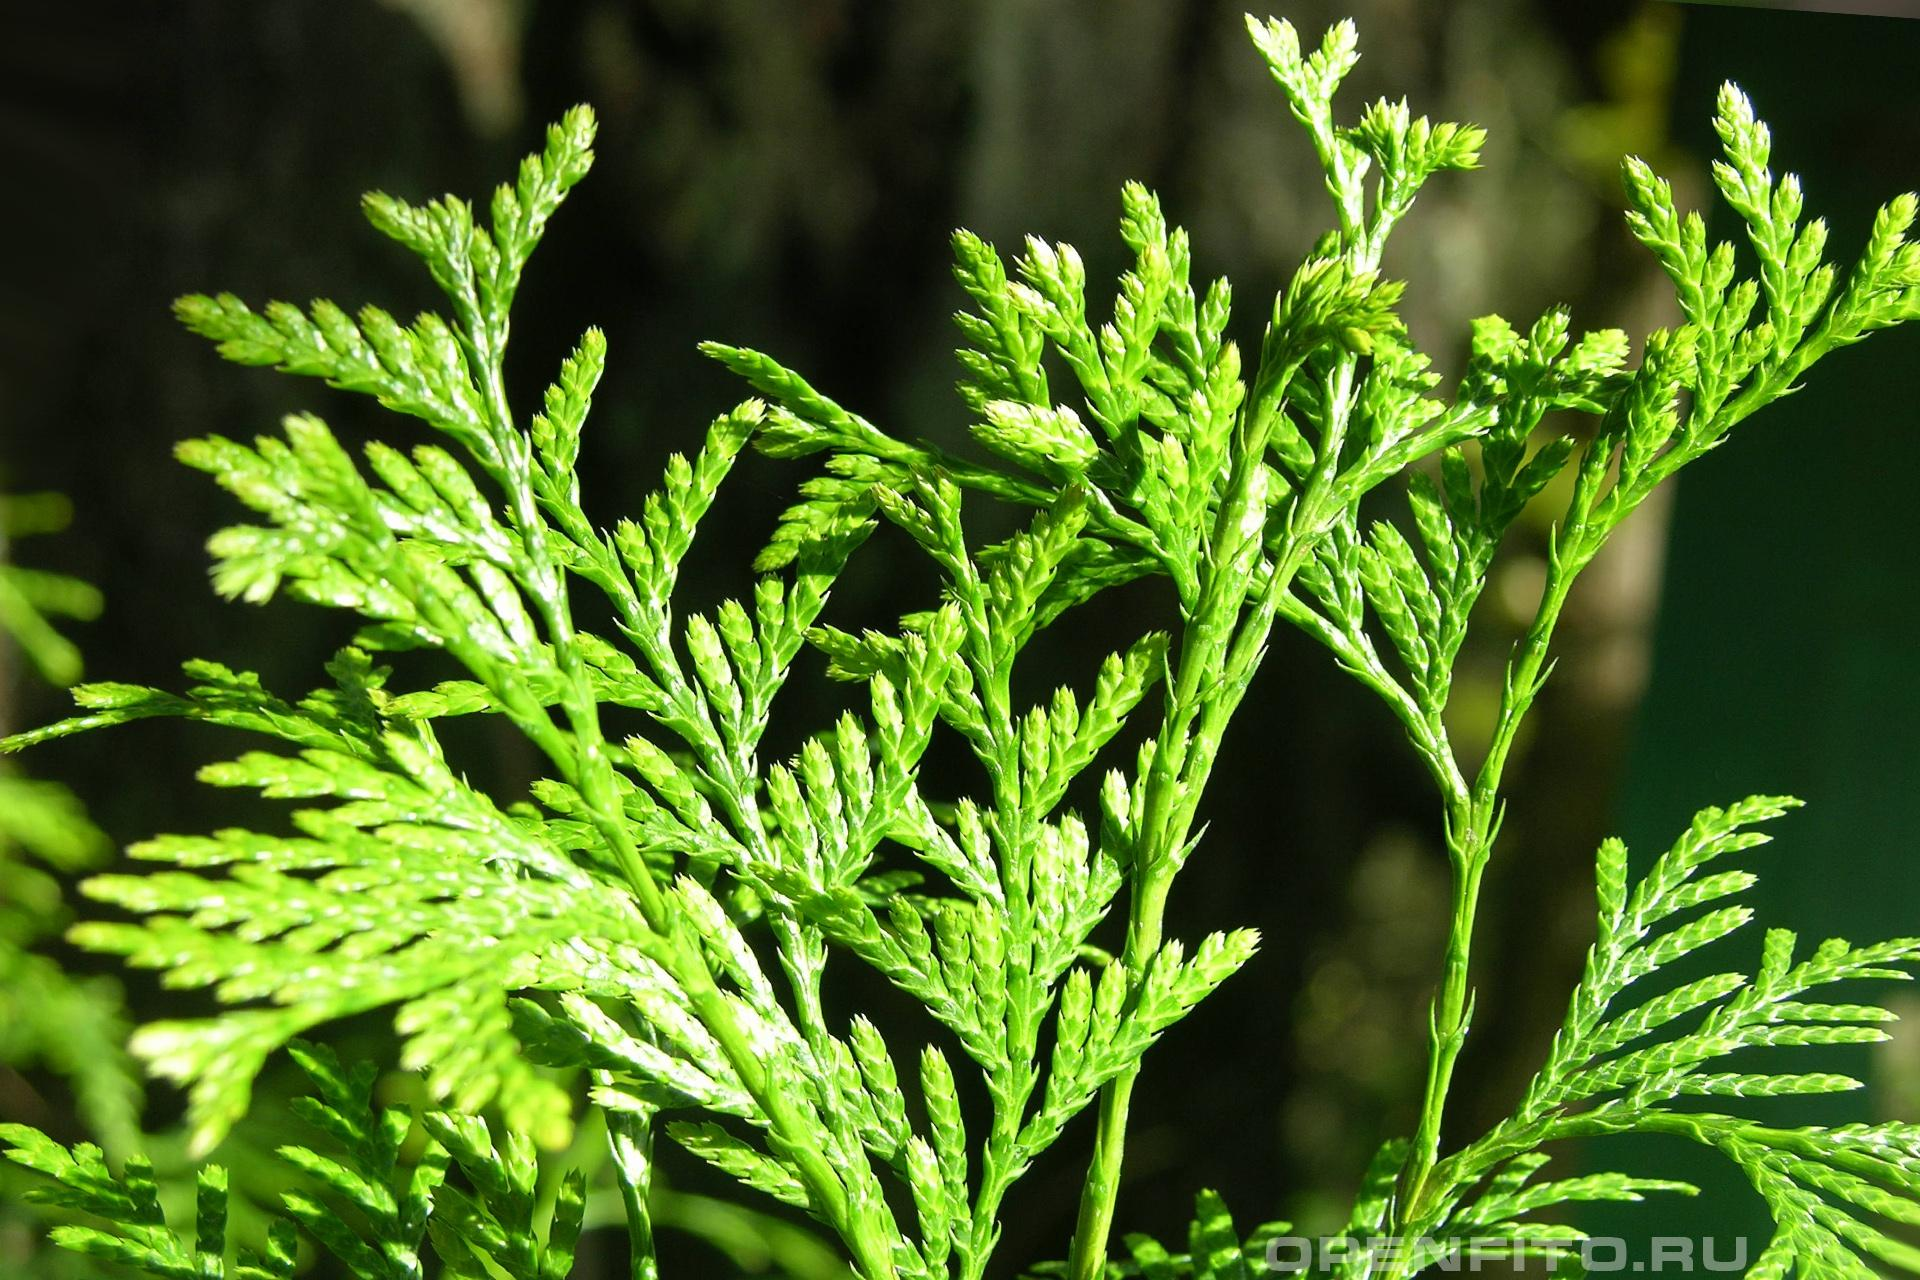 Туя складчатая <p>или туя полосатая, в Колумбии это растение называют